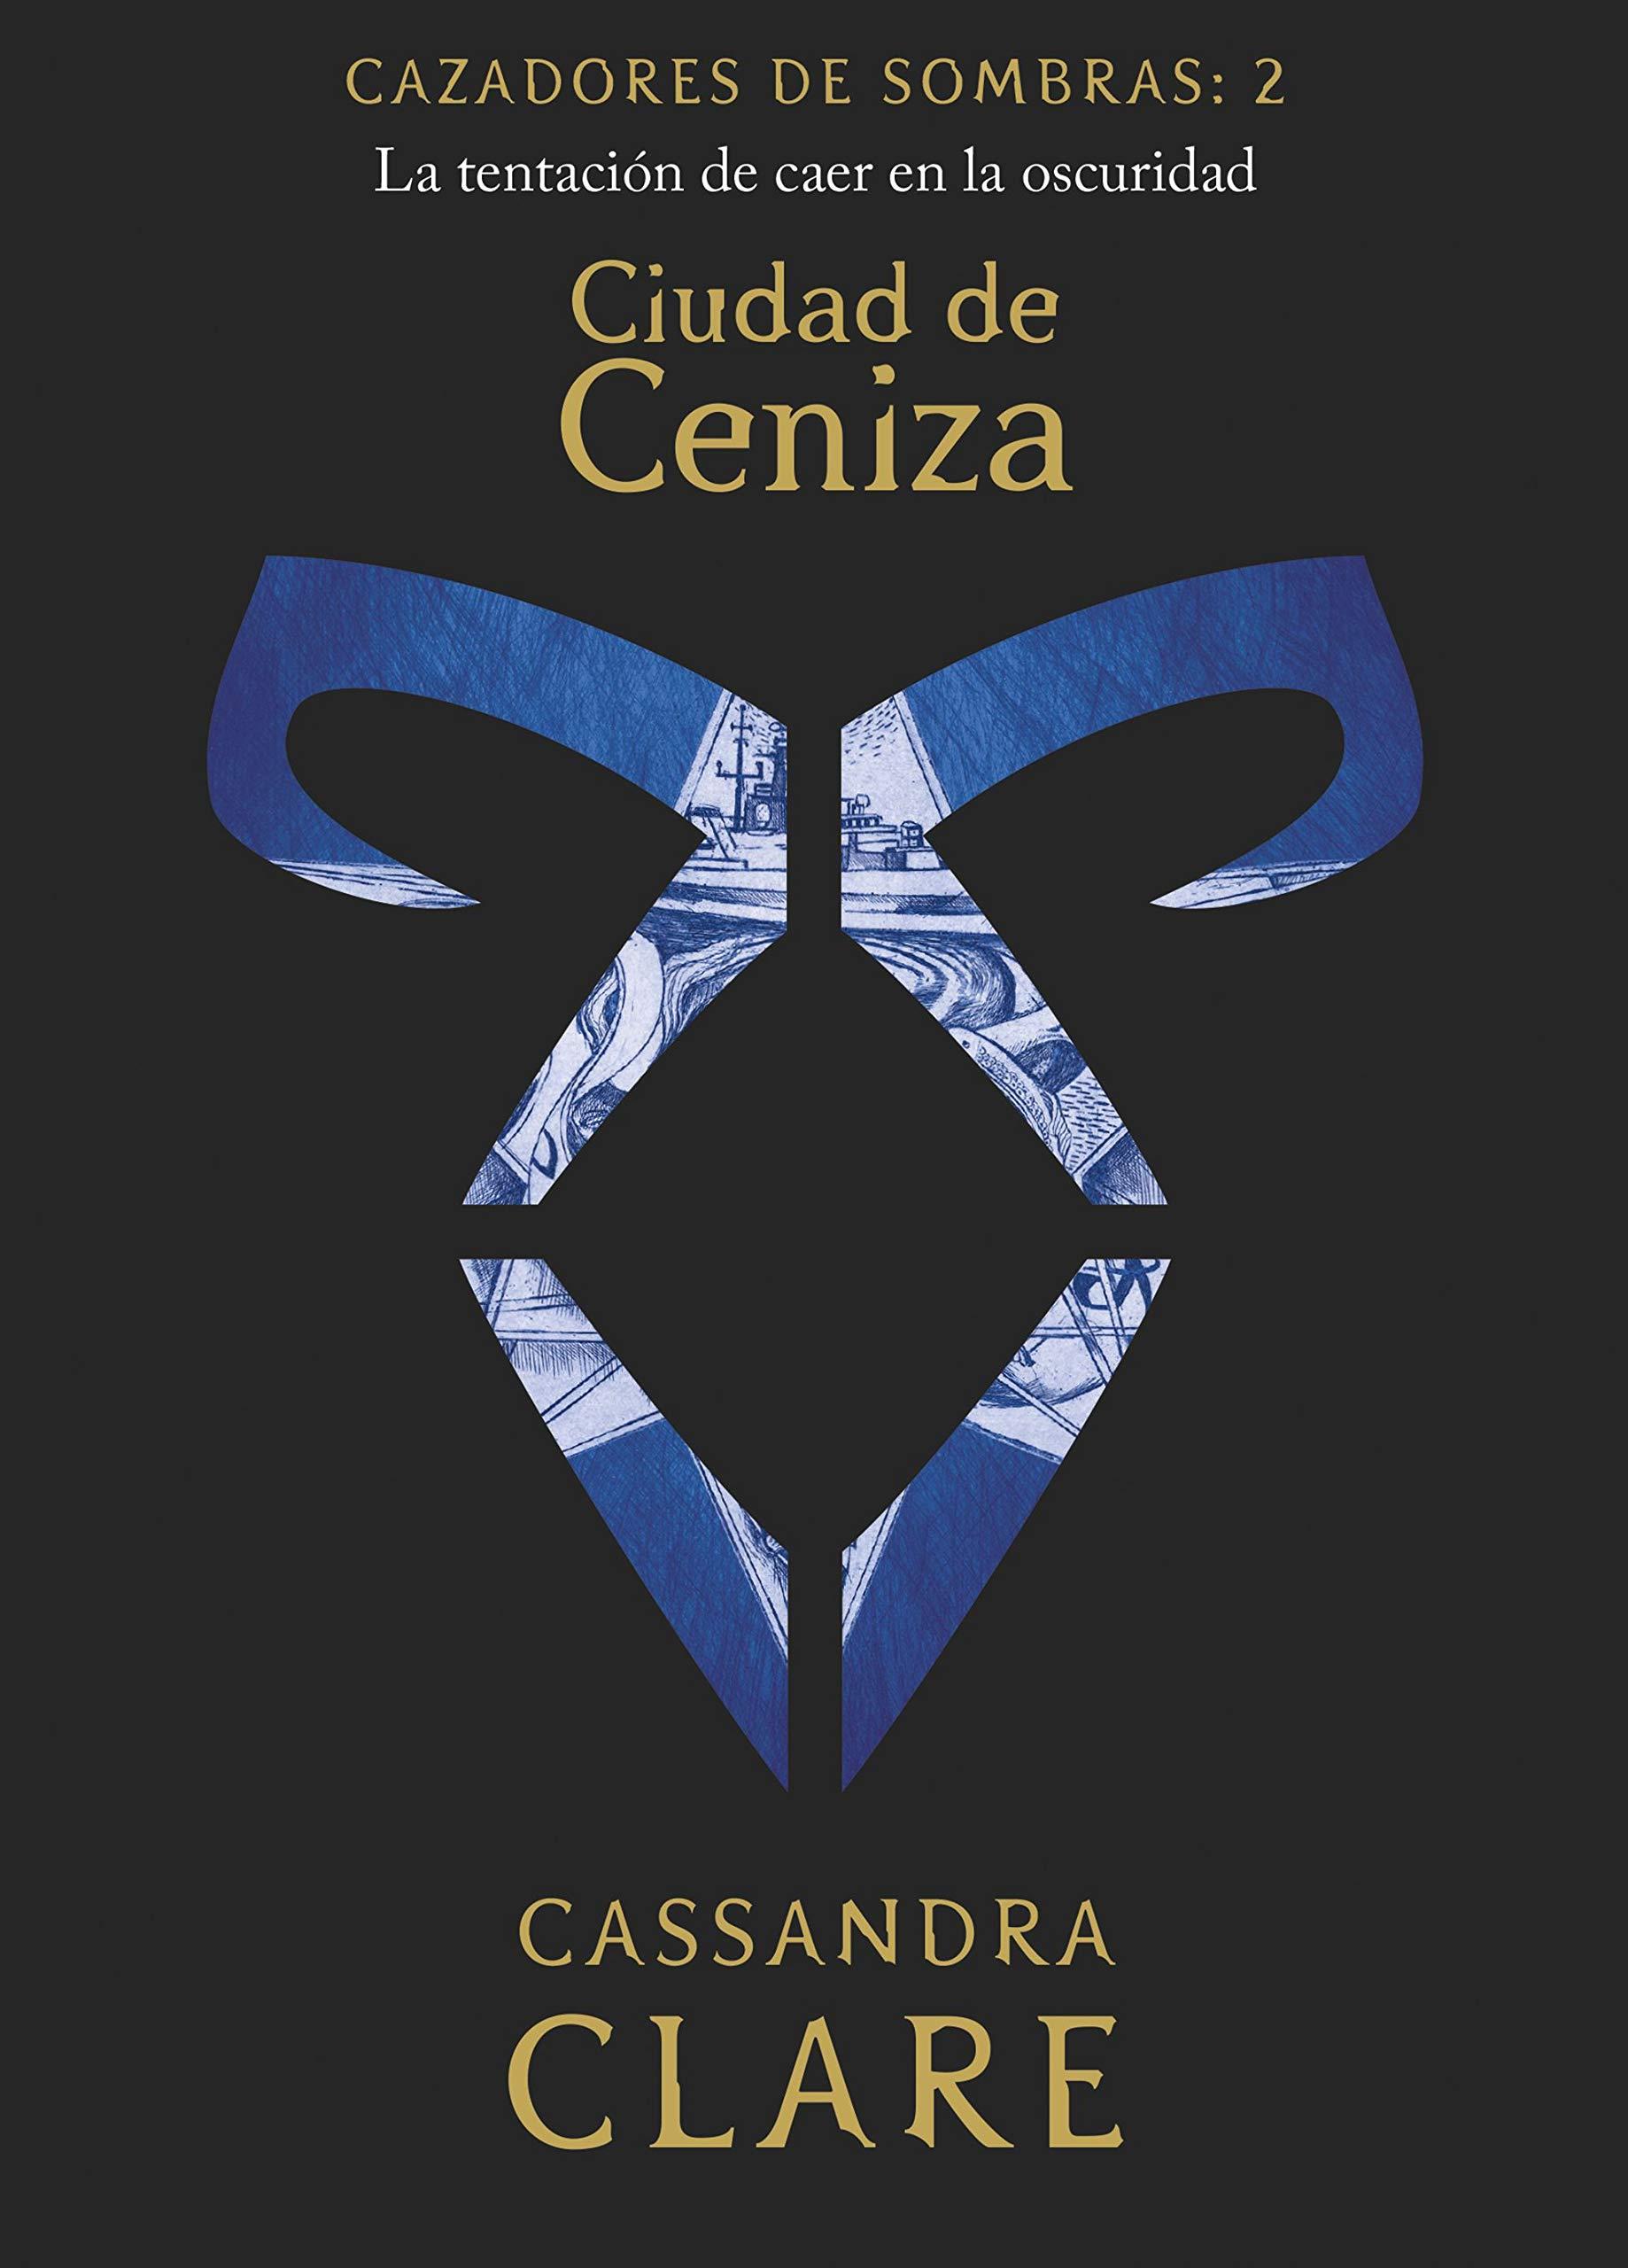 Ciudad de Ceniza nueva presentación : Cazadores de sombras: 2 ...